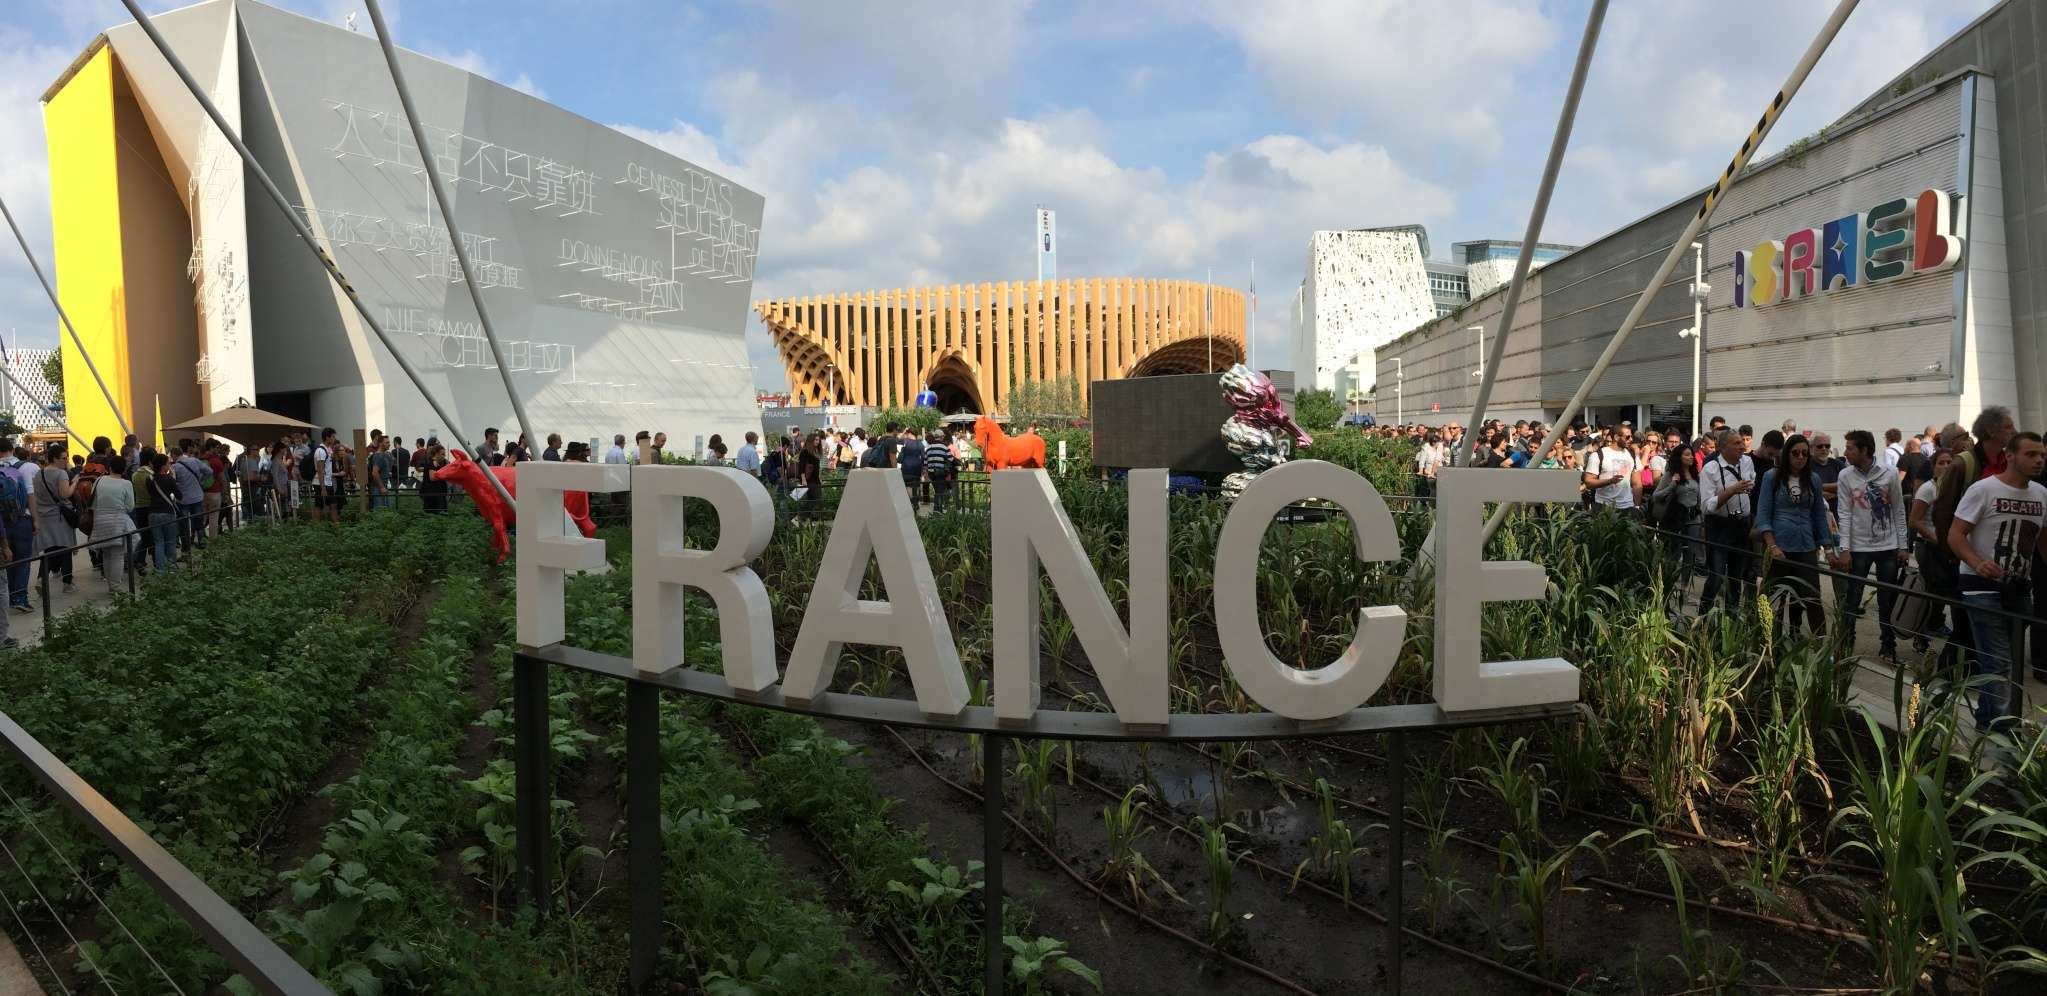 [Désormais visible dans Google Earth] L'Exposition Universelle 2015 à Milan - Italie Img_6414